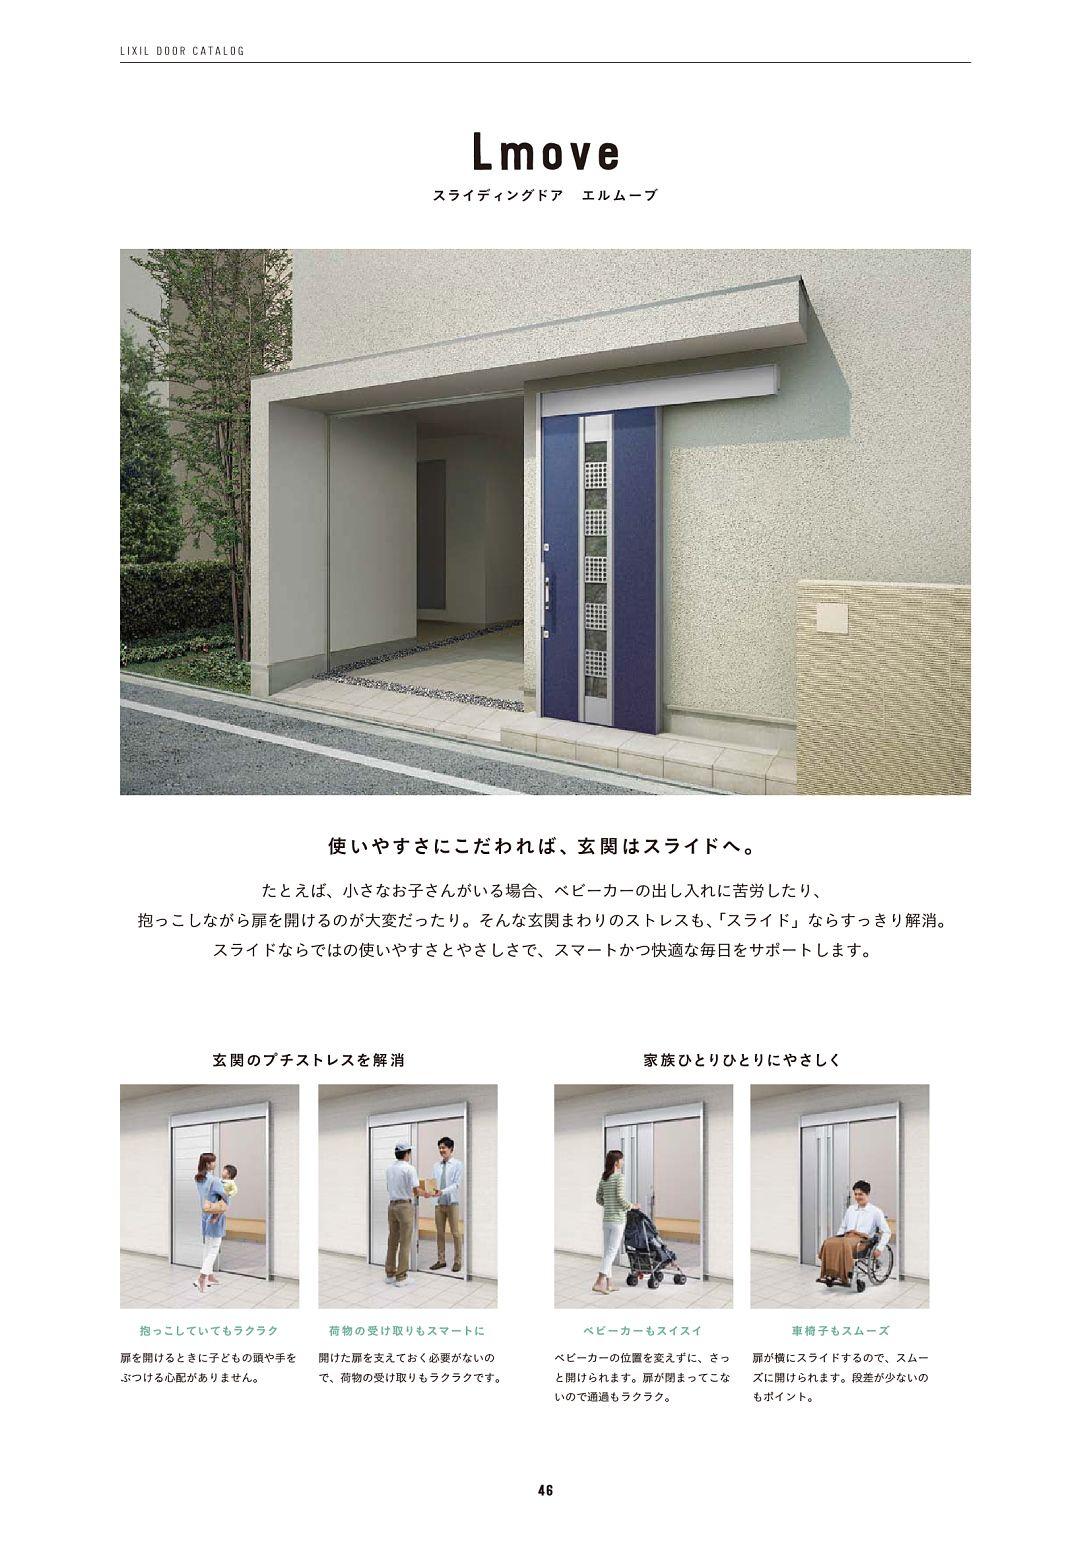 ドア選び 総ページ数 52 ドア 玄関 ビュー